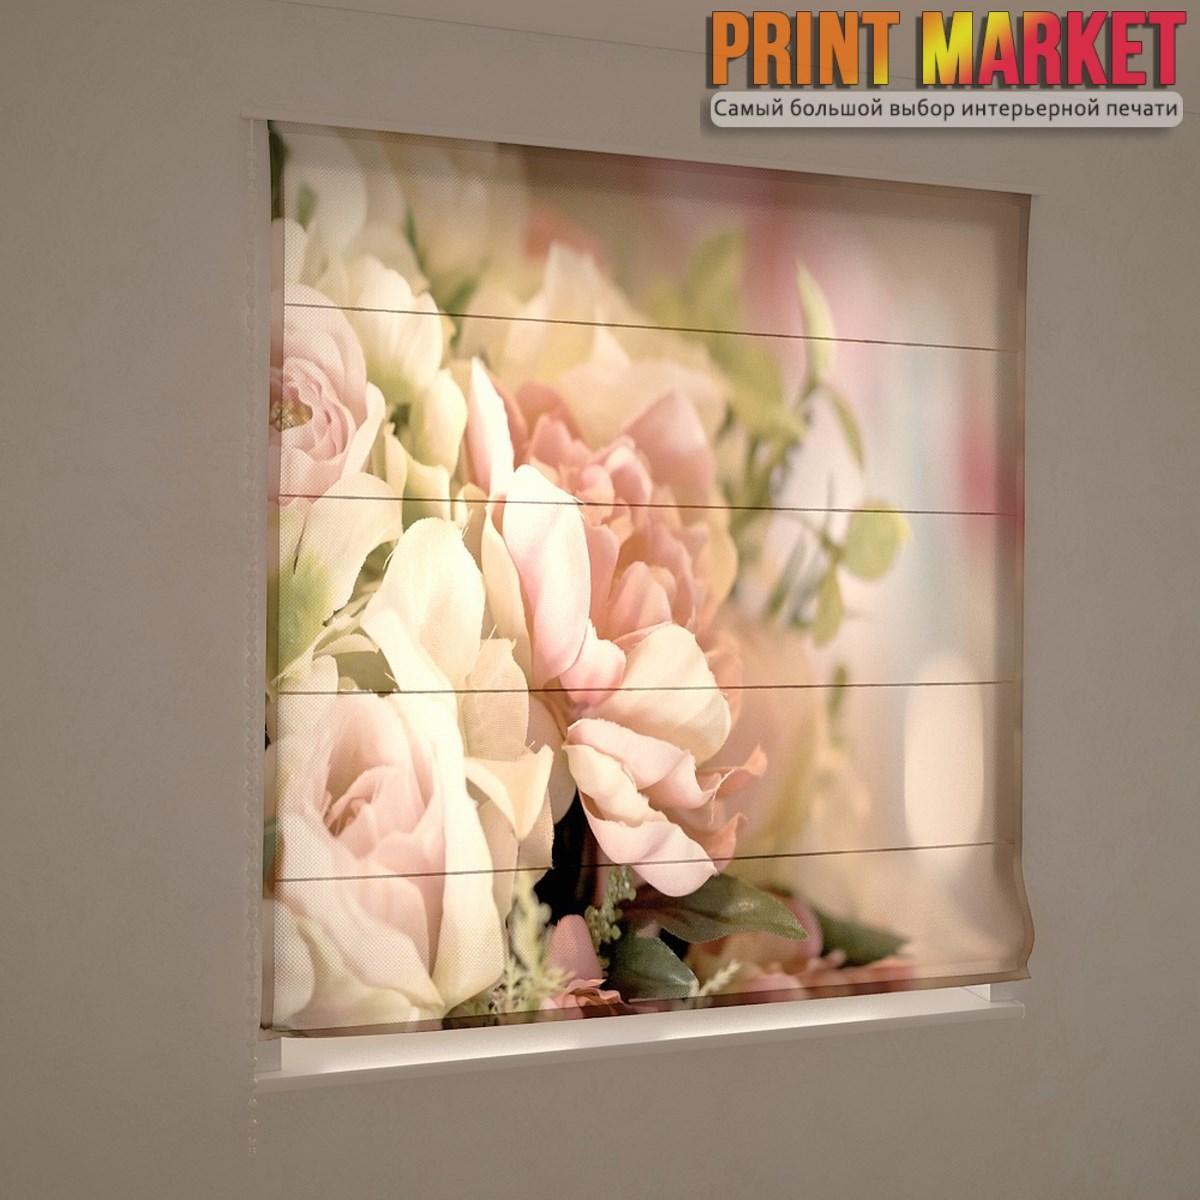 Фотошторы римские бежево-розовые цветы